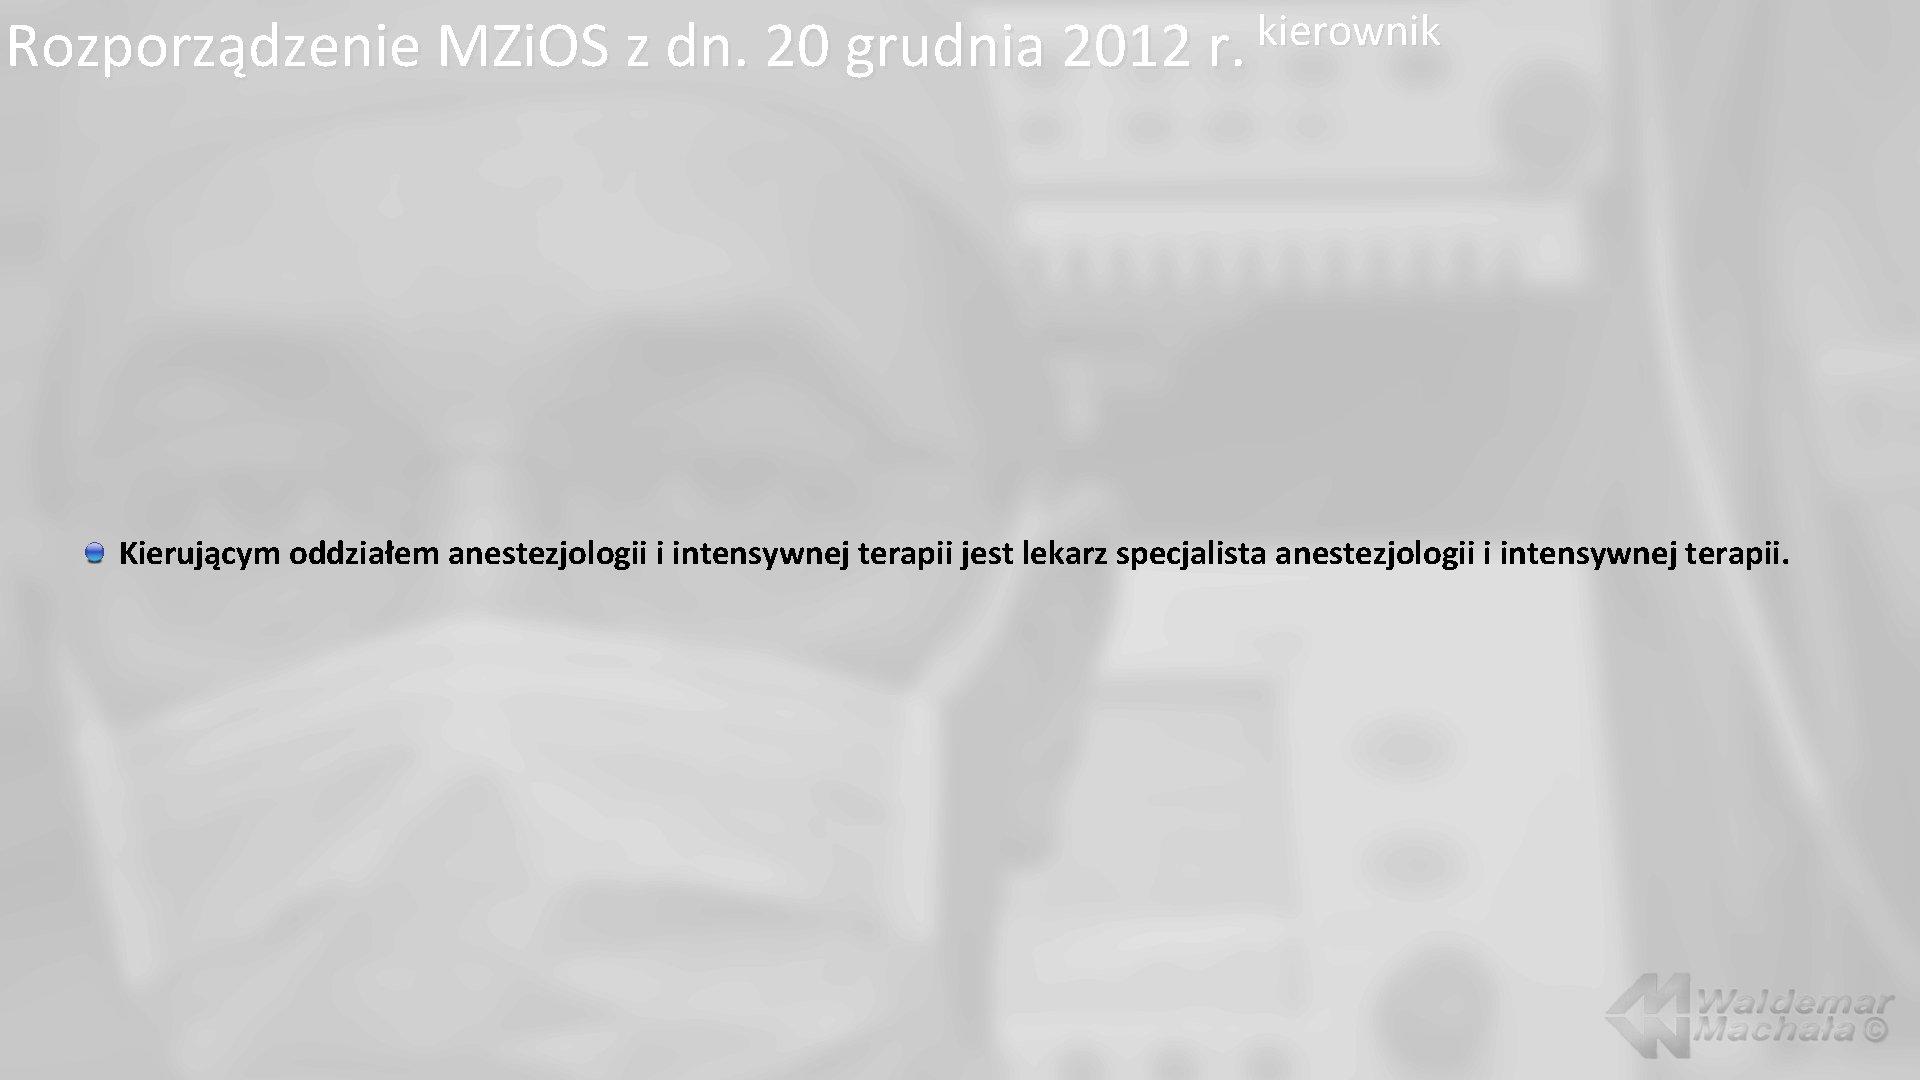 kierownik Rozporządzenie MZi. OS z dn. 20 grudnia 2012 r. Kierującym oddziałem anestezjologii i